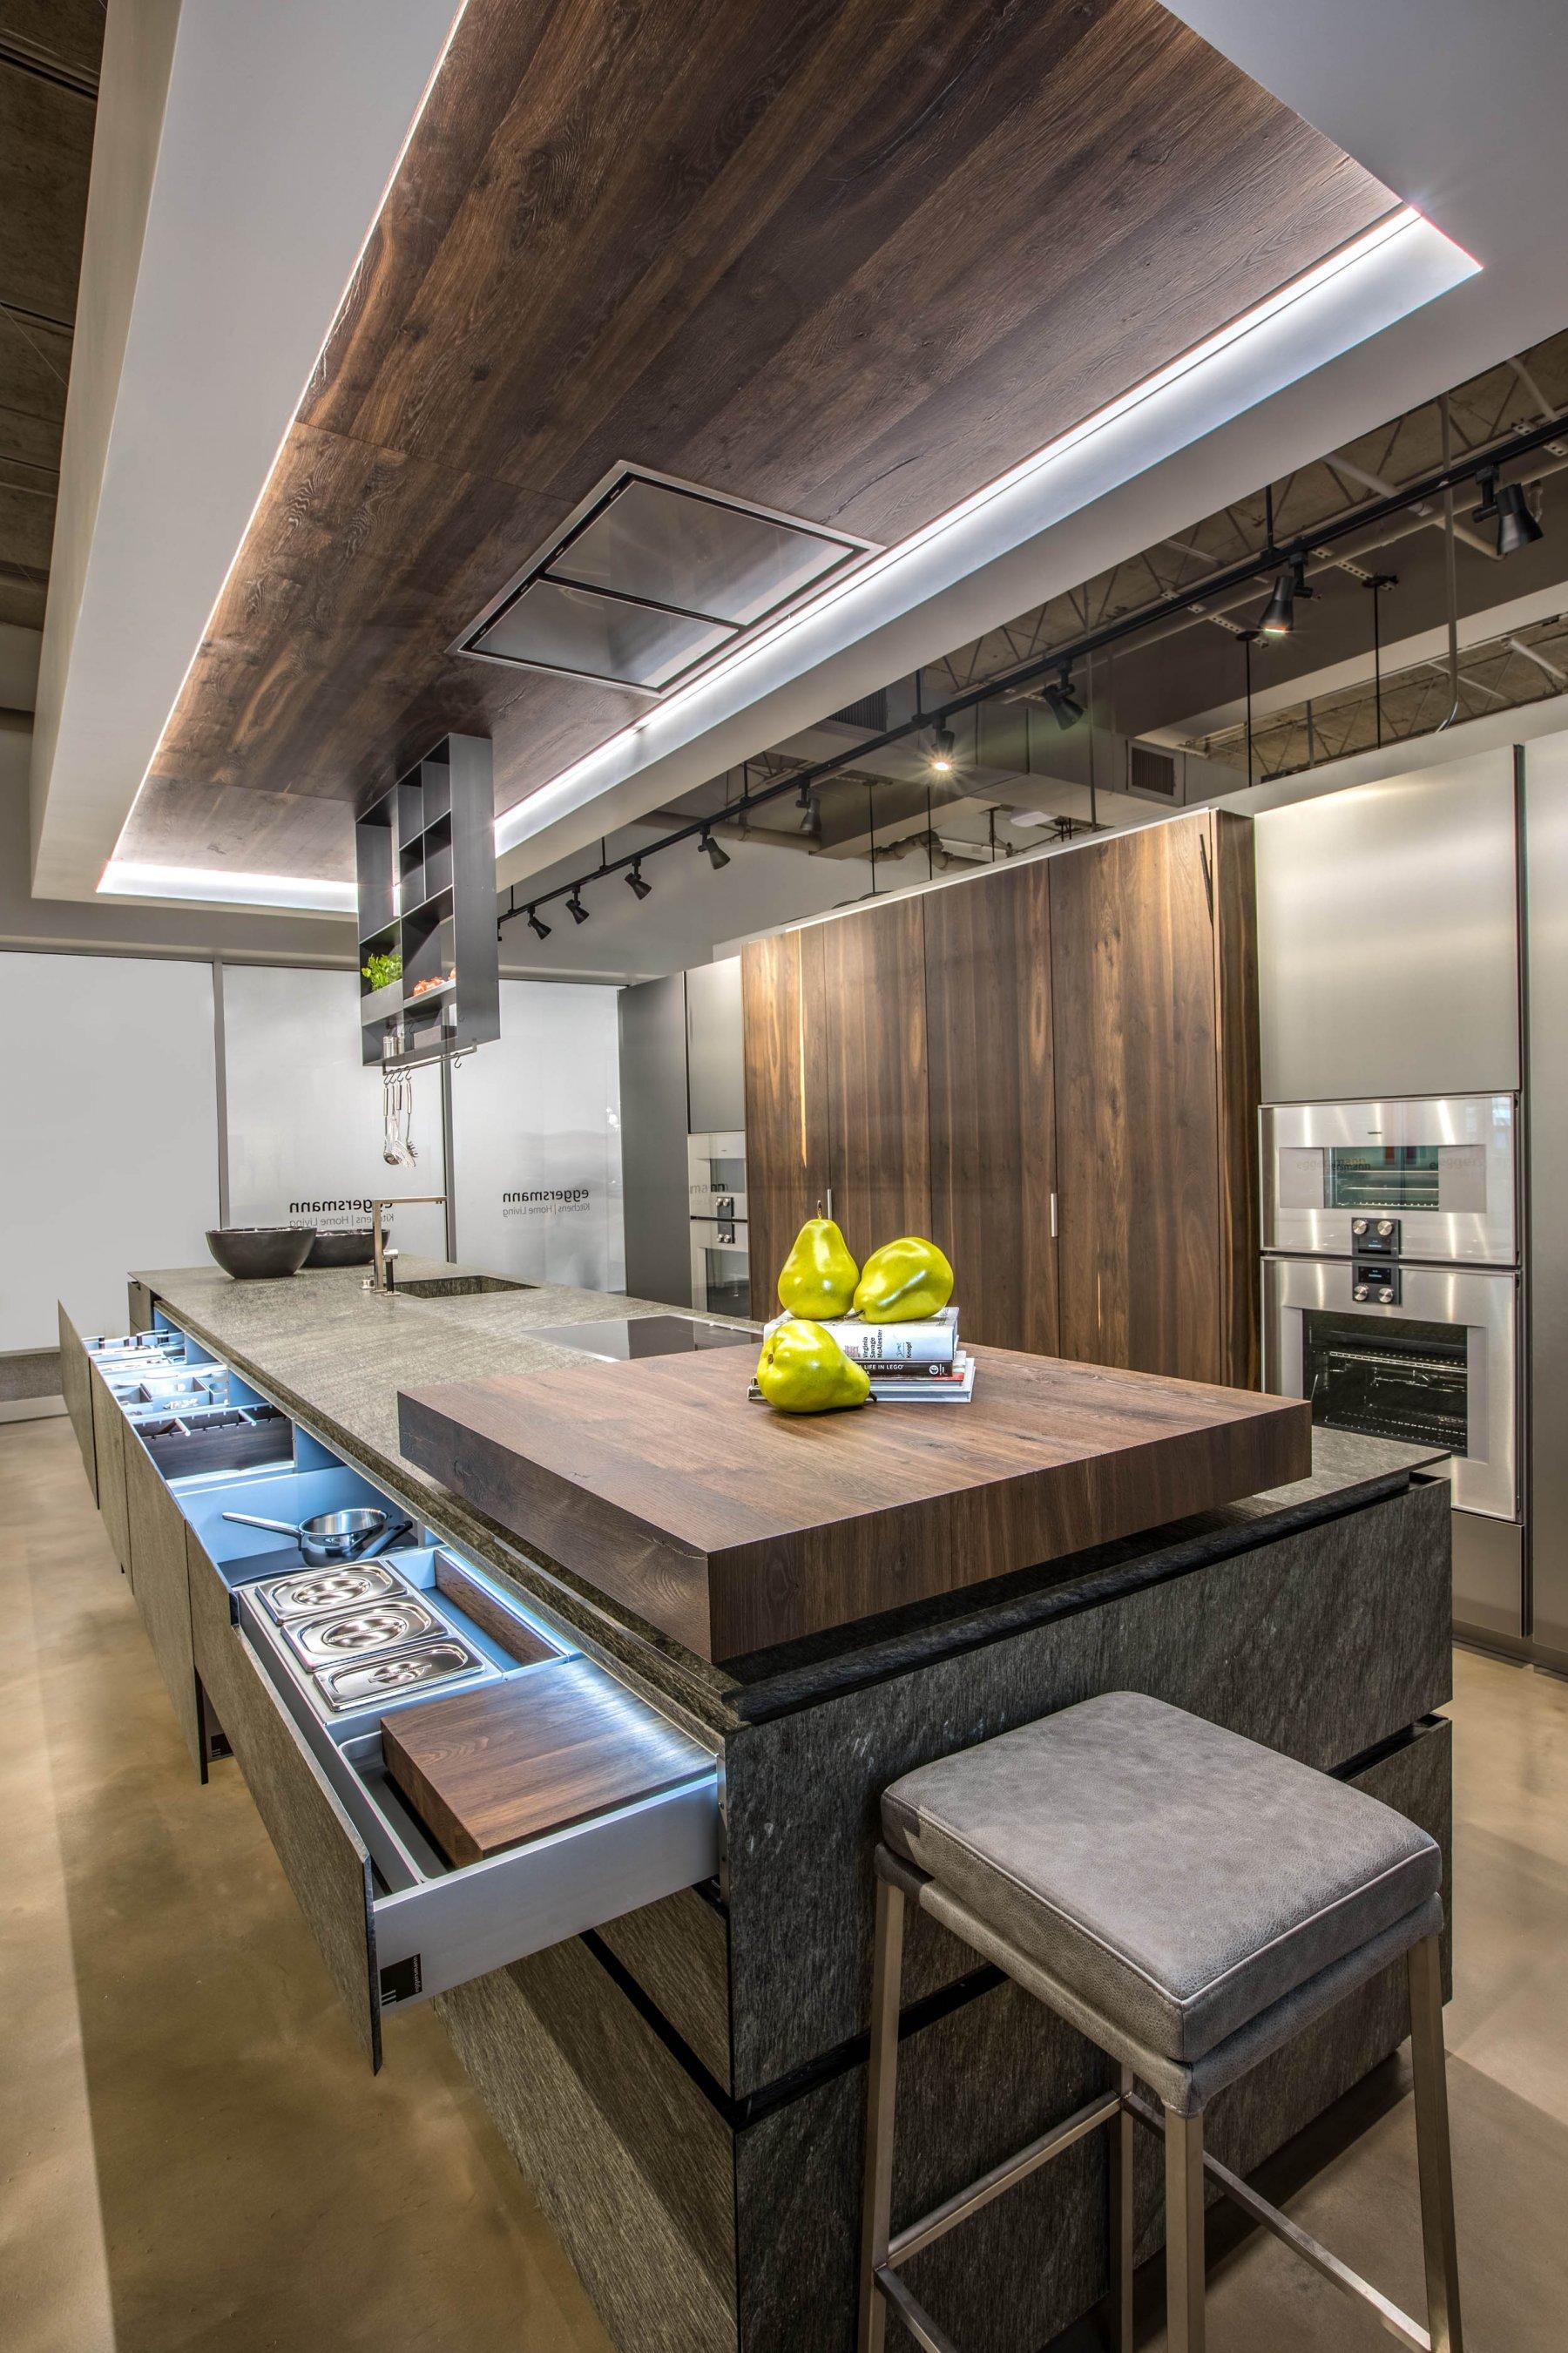 projekt 4 (beola nera)   kitchen   projekte   weisselberg